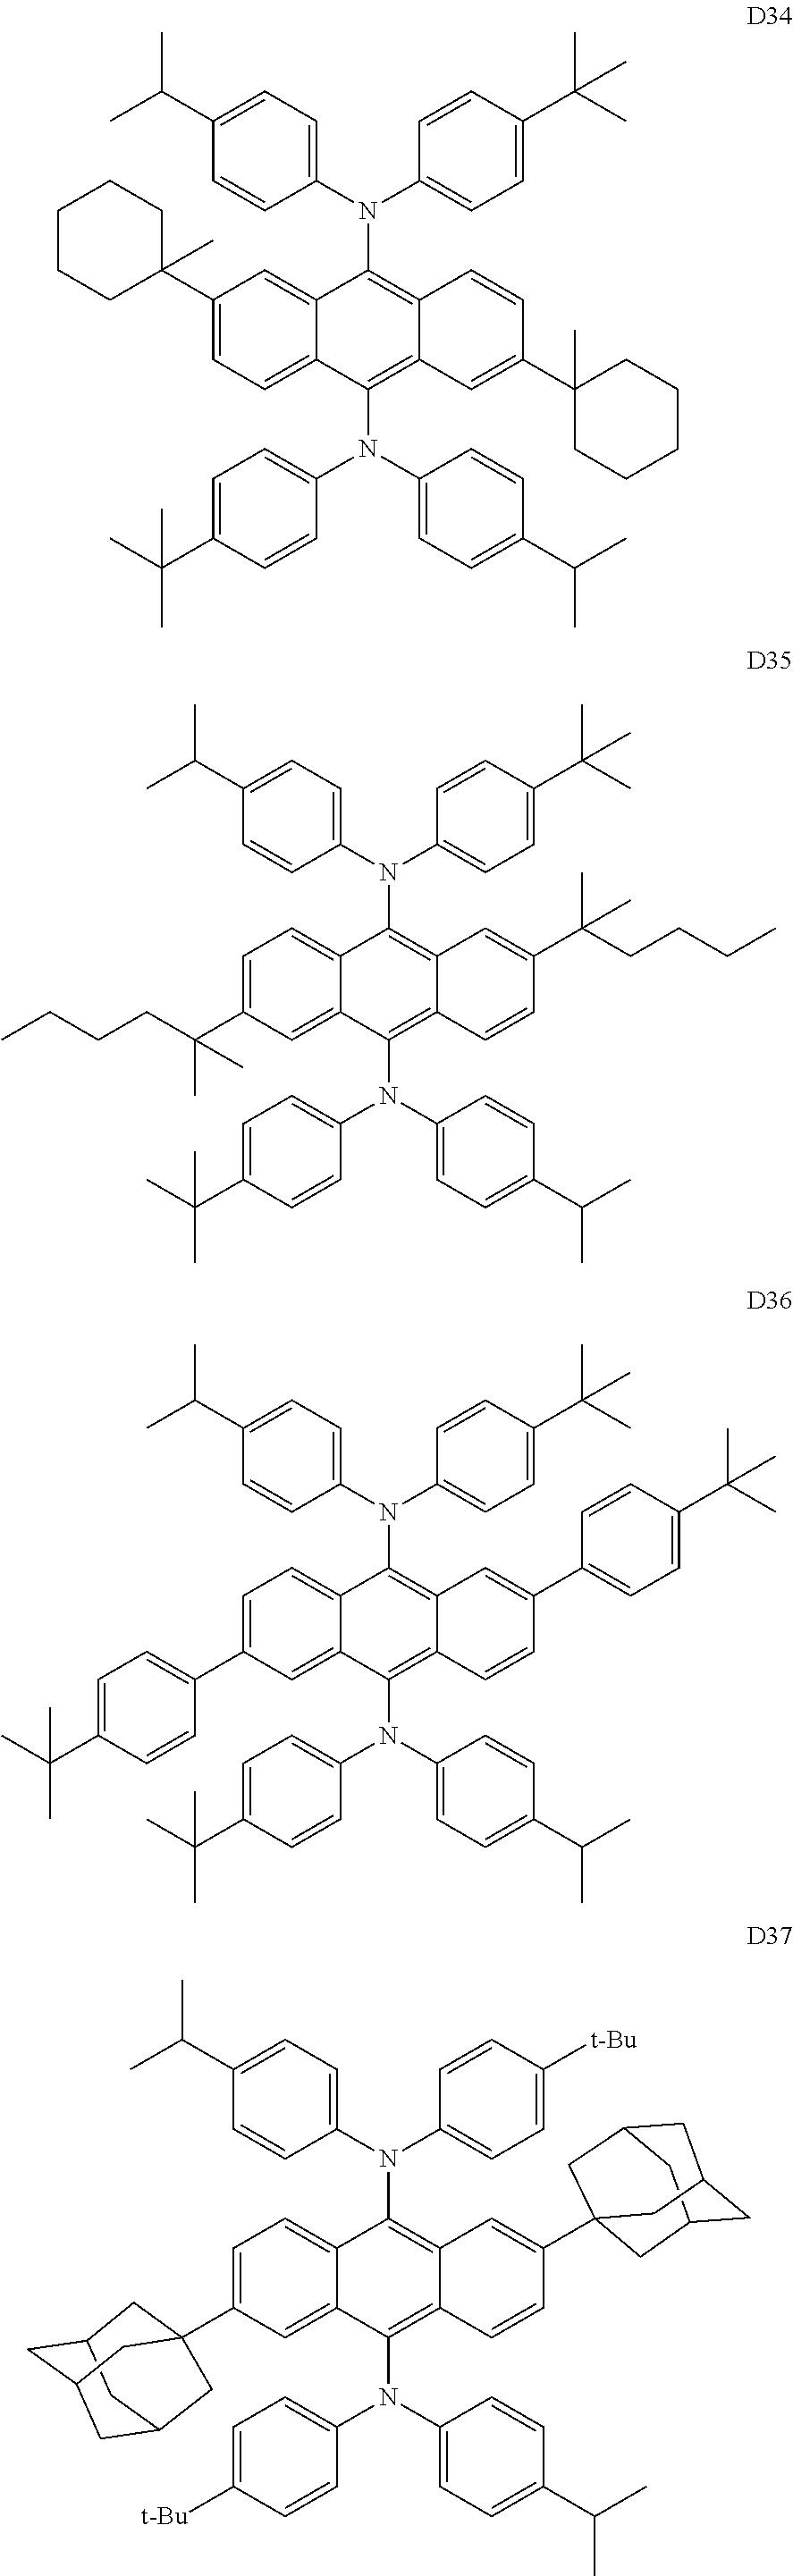 Figure US09496506-20161115-C00020